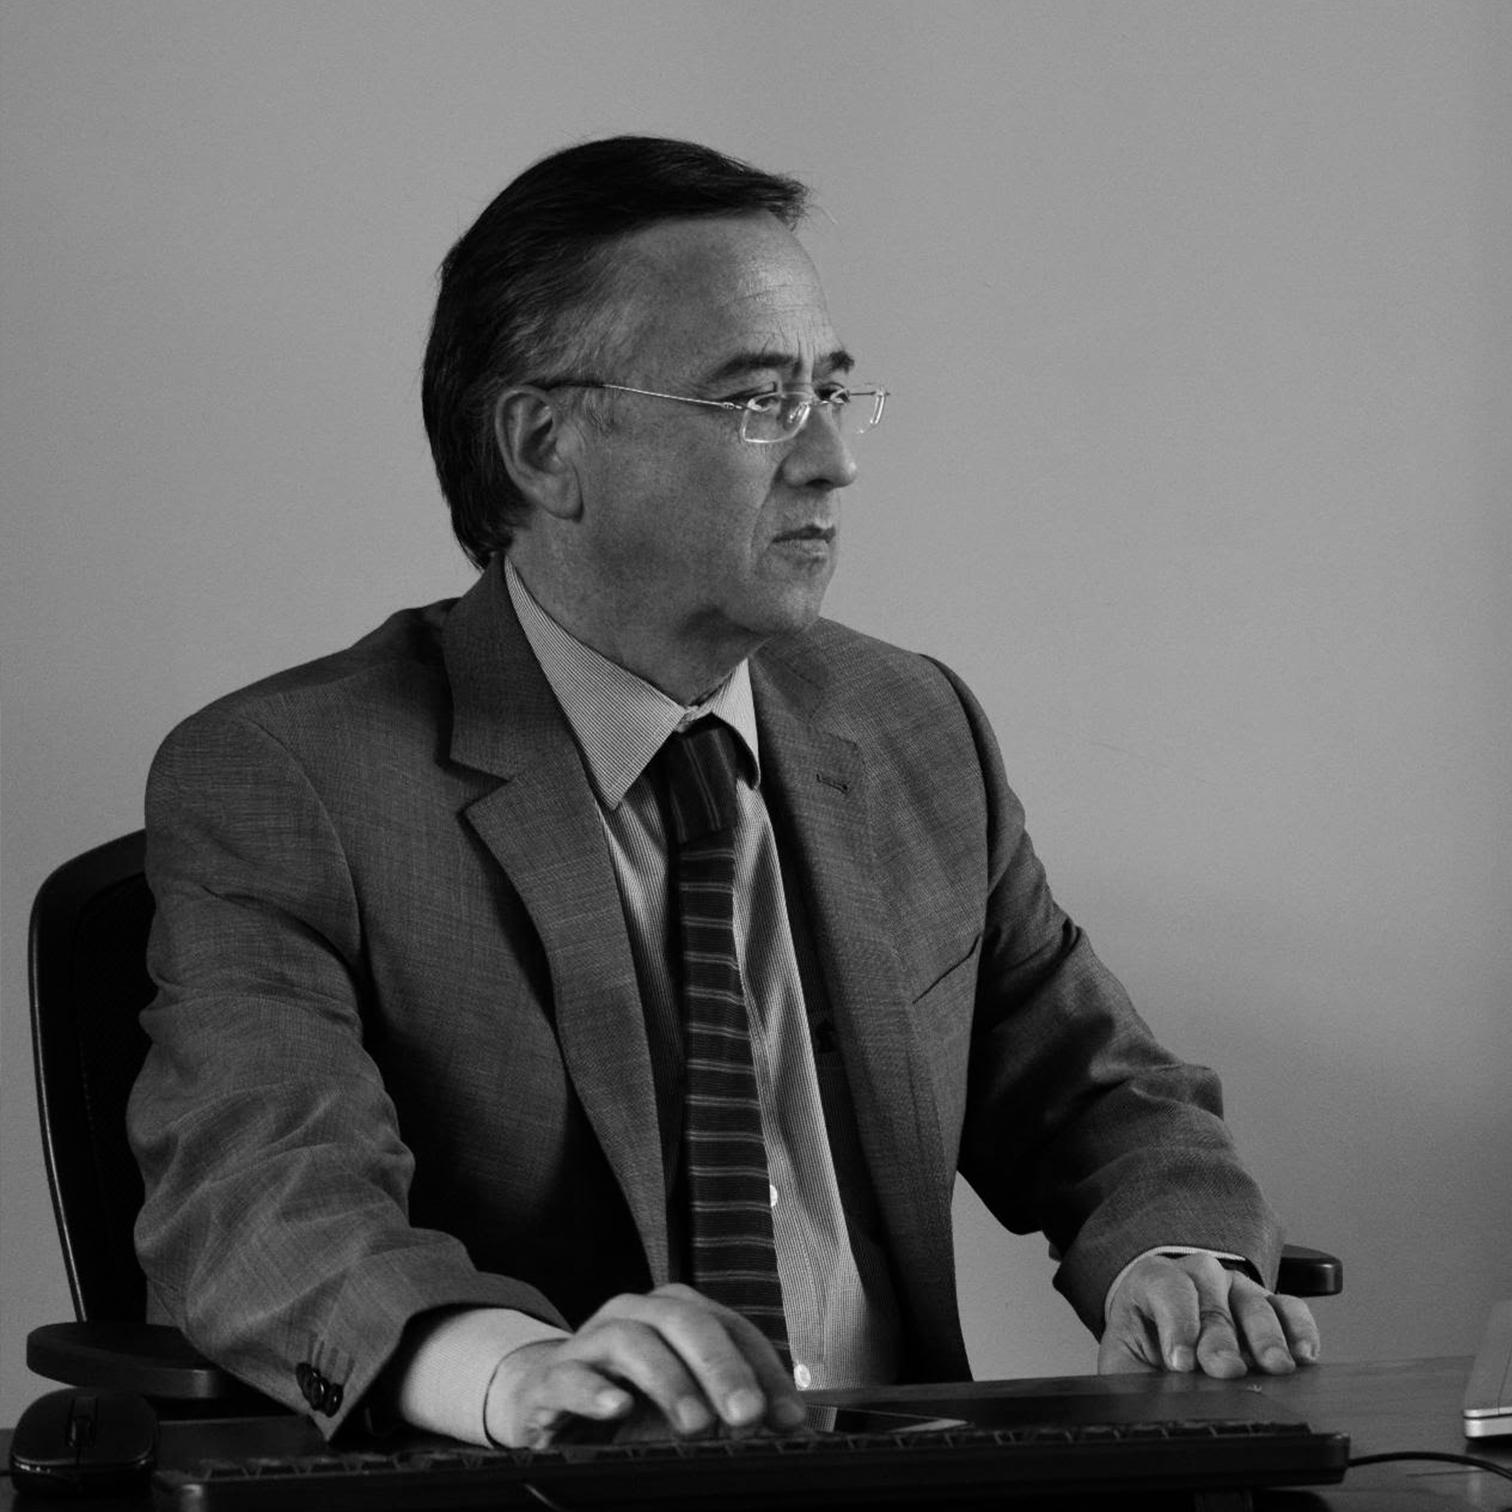 Sergio-Garrido-Colegio-del-Verbo-Divino